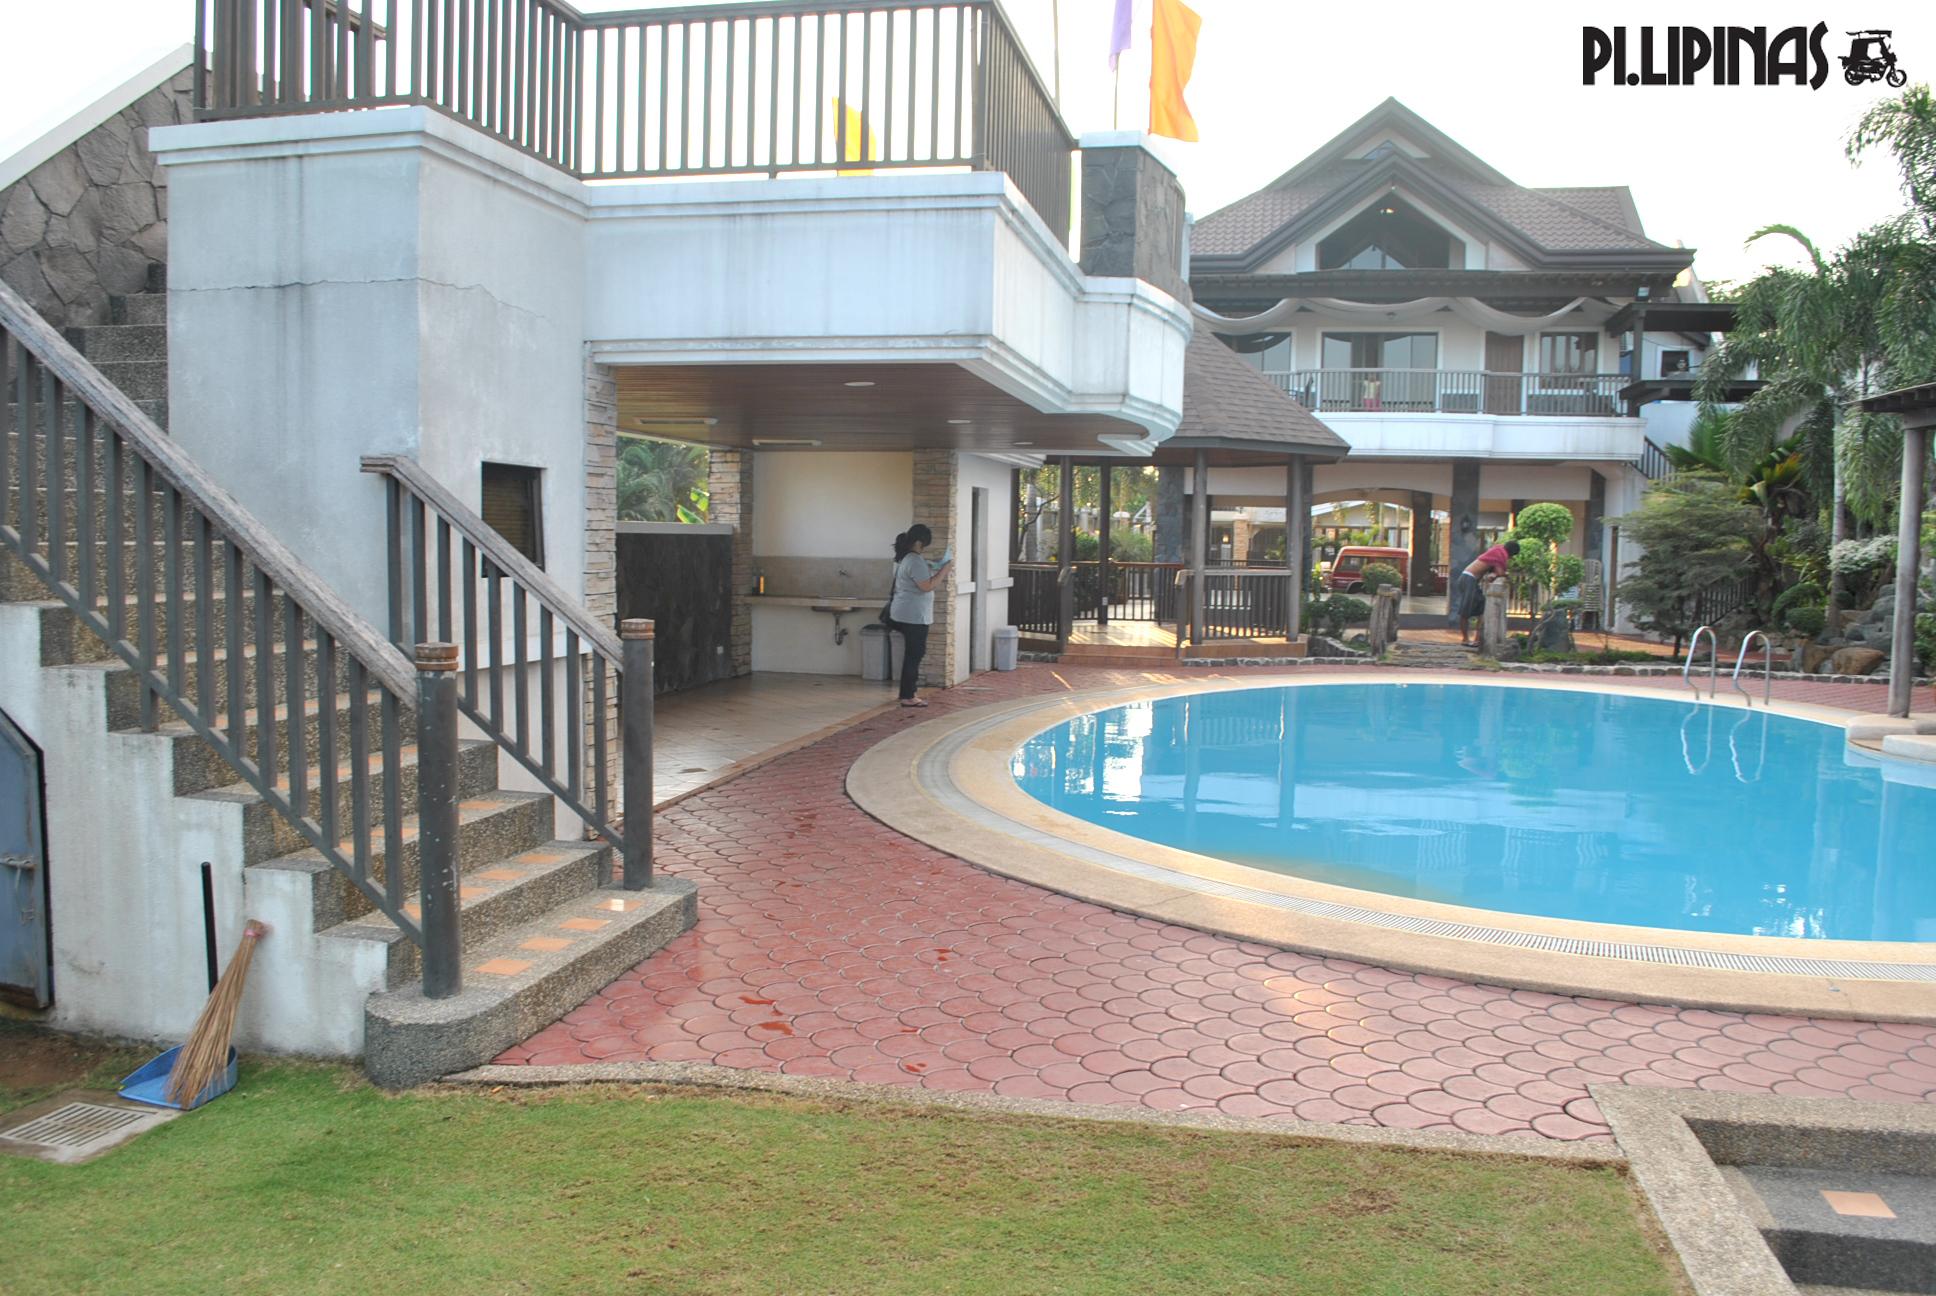 Cobo Pavillion Marikina Party Venue With Pool Pilipinas